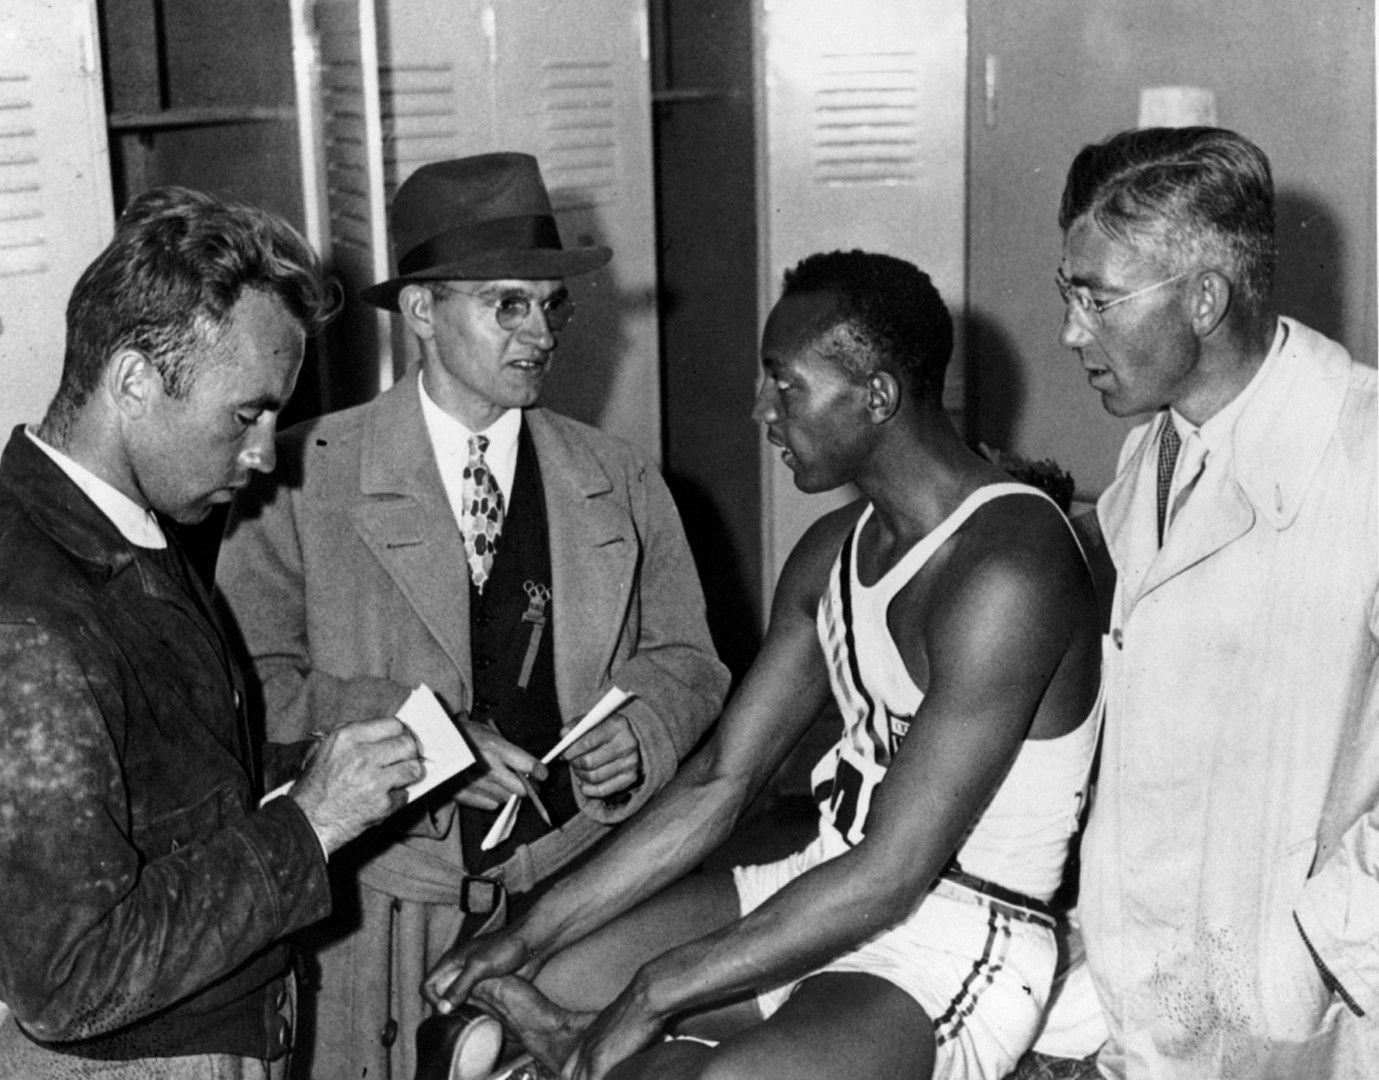 Репортери предават първите думи на шампиона в Берлин, 1936 г.